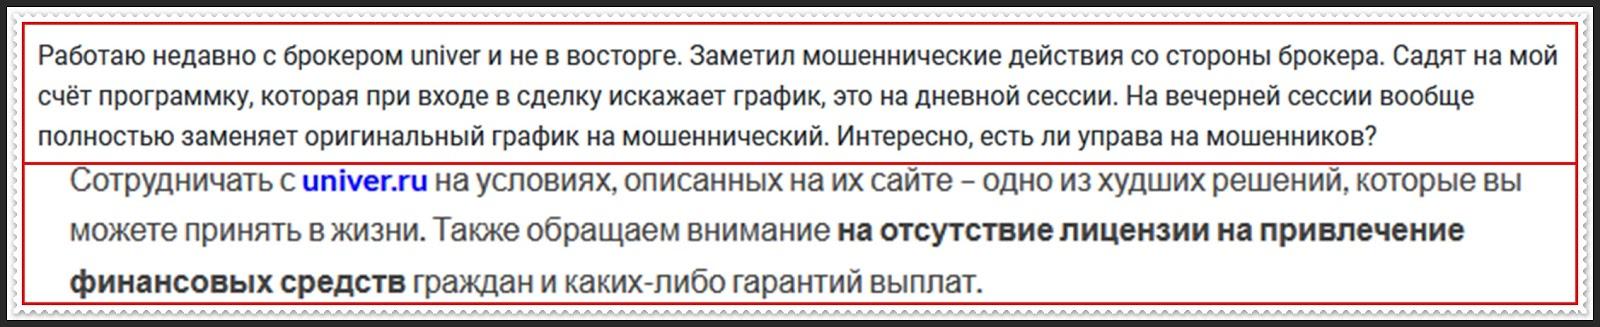 univer.ru Мошенники